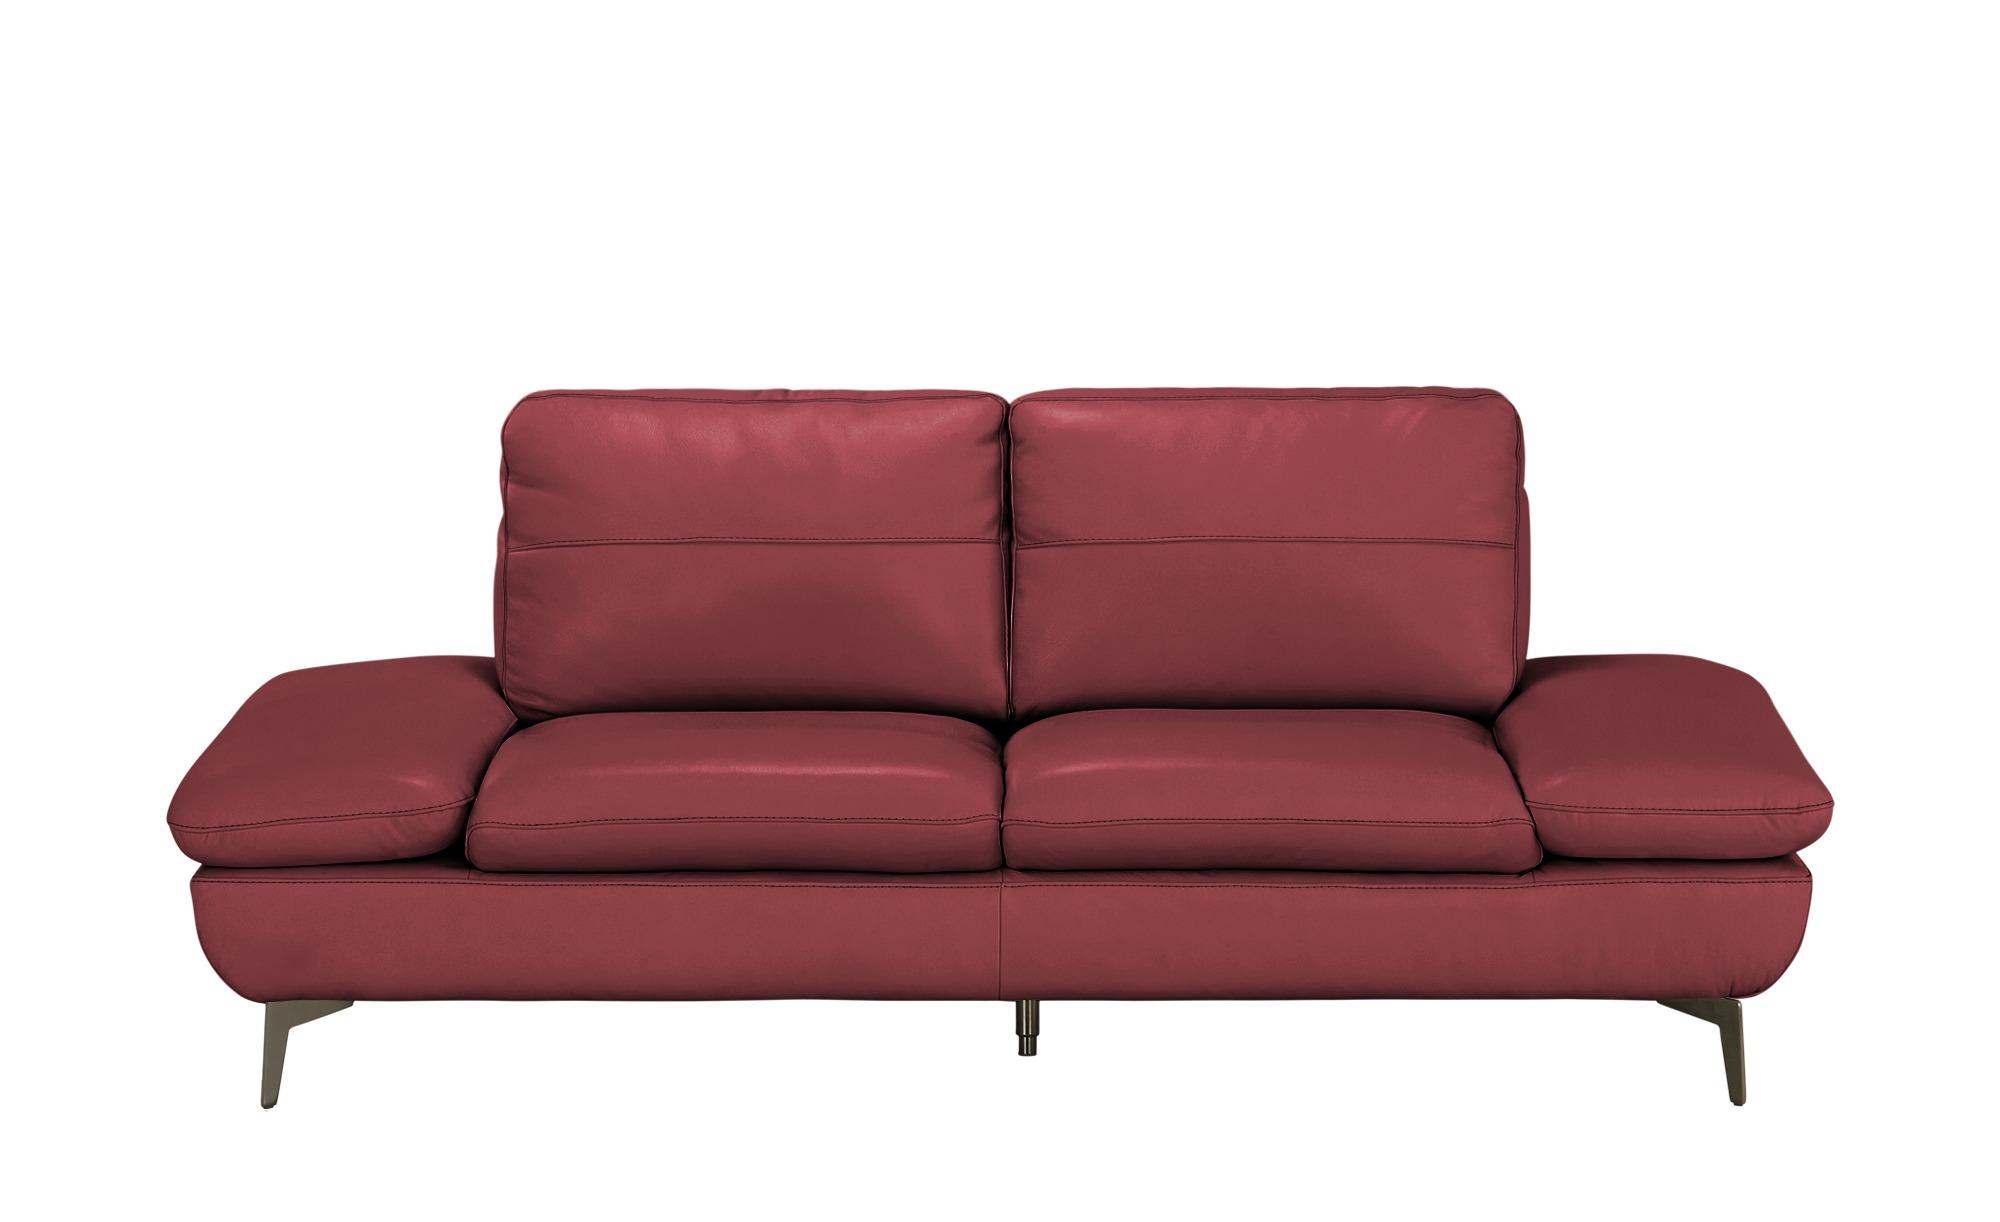 Wohnwert Ledersofa  Amarena ¦ rot ¦ Maße (cm): B: 205 H: 84 T: 96 Polstermöbel > Sofas > 2-Sitzer - Höffner